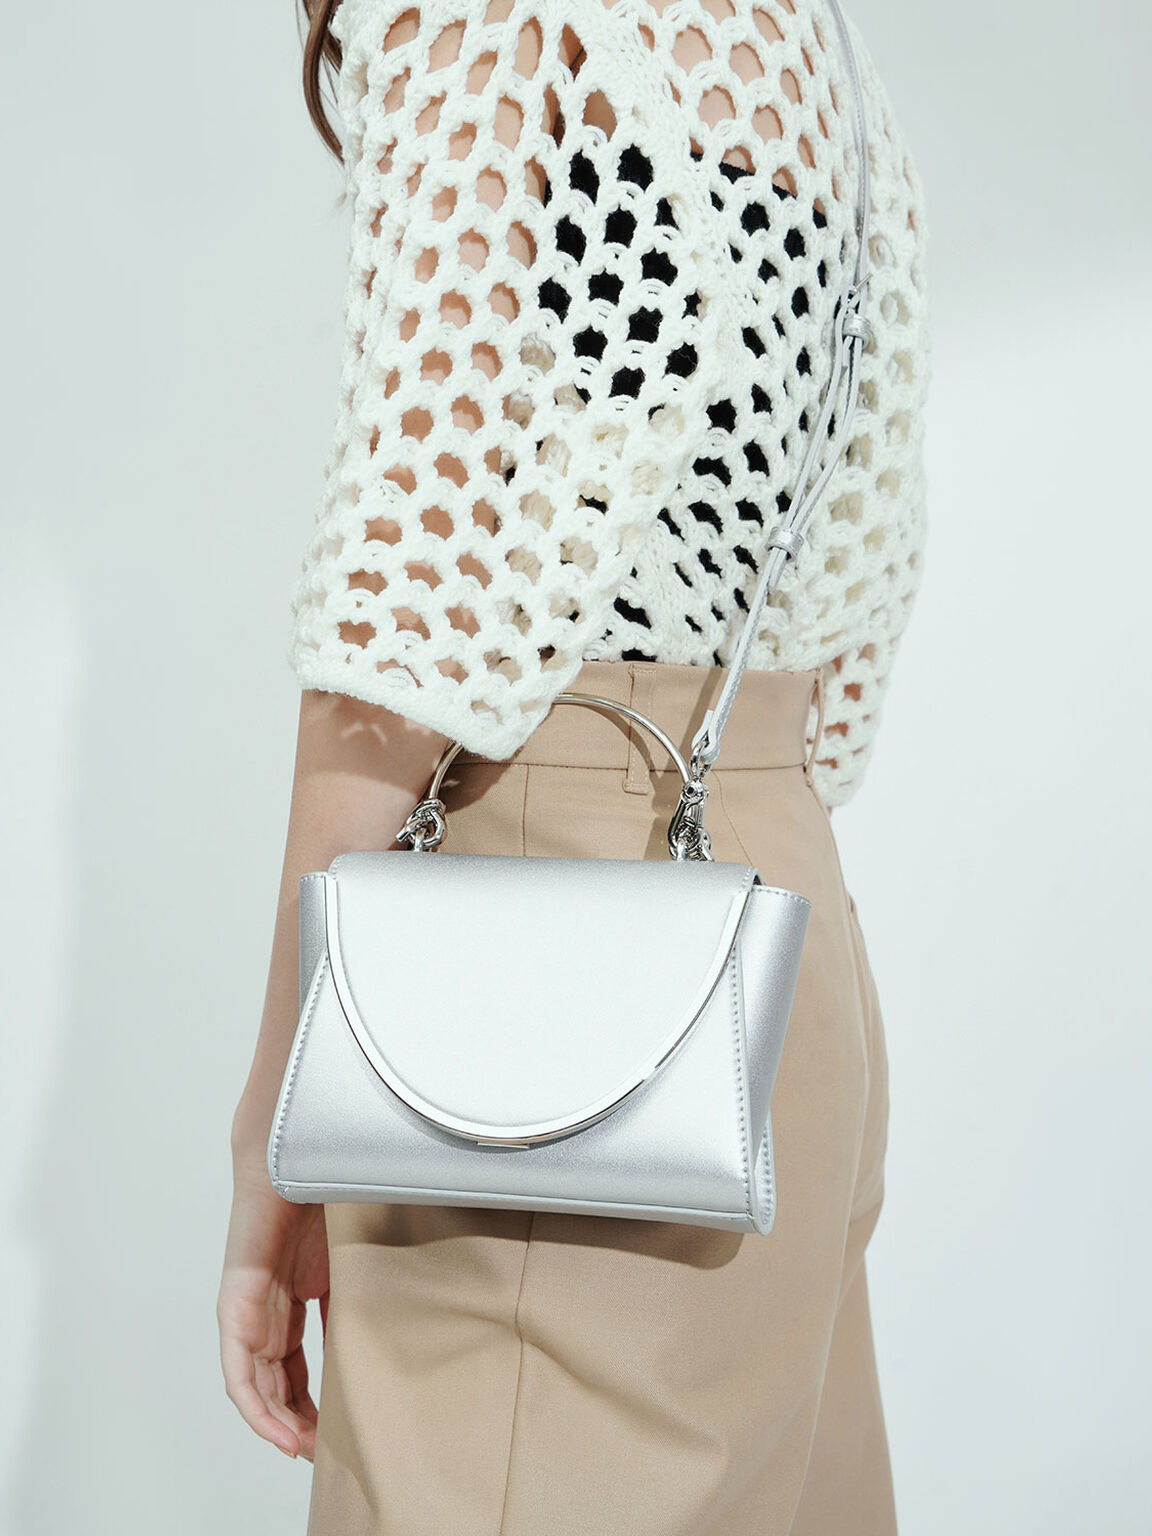 Metallic-Trimmed Front Flap Bag, Silver, hi-res